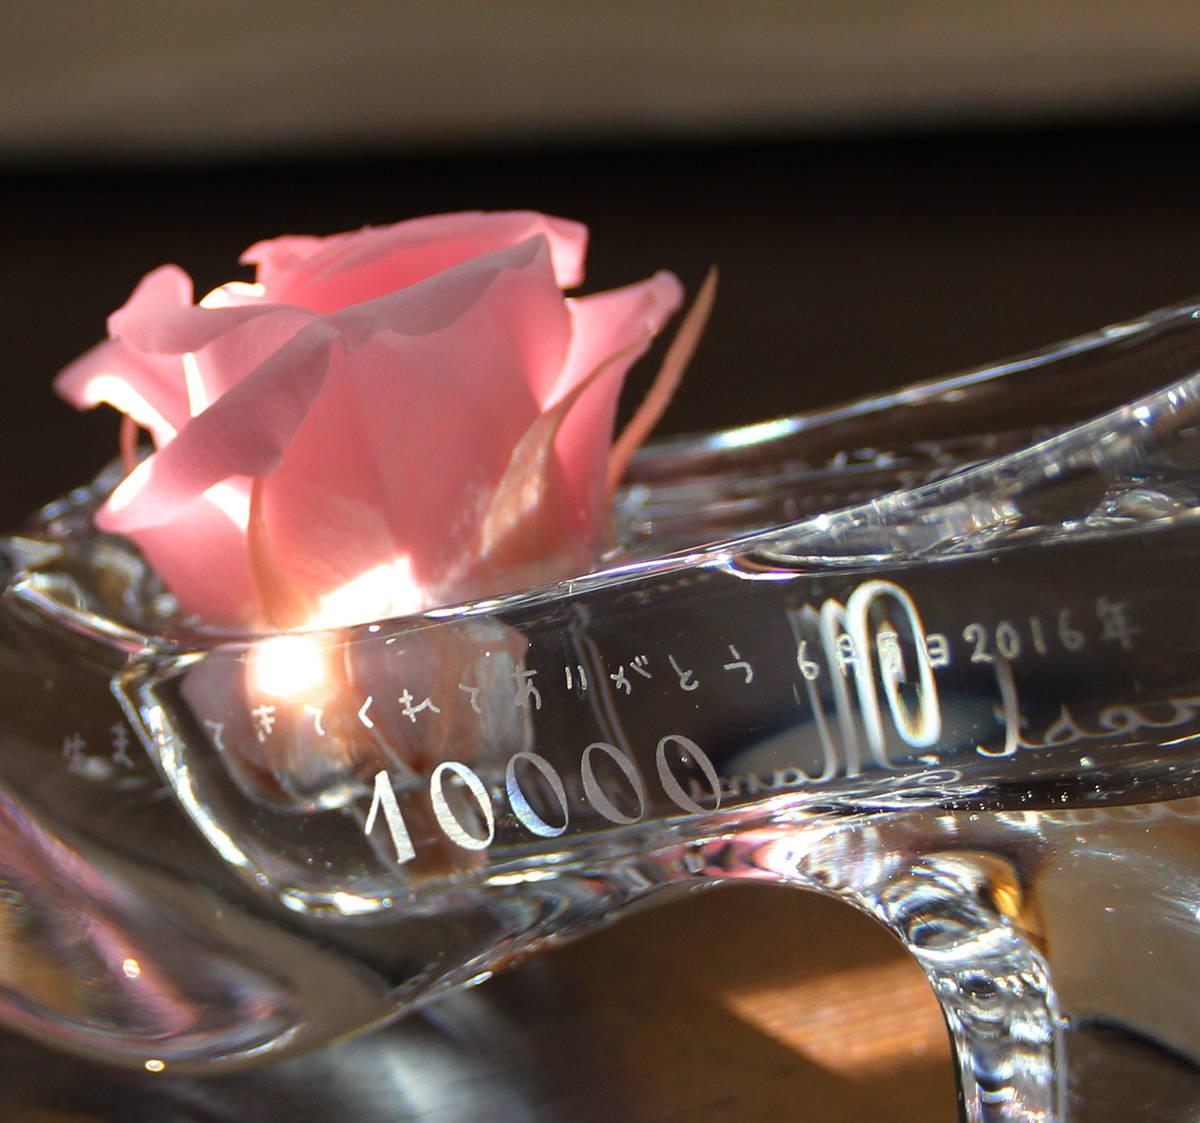 玻璃鞋在10000周年纪念日制作